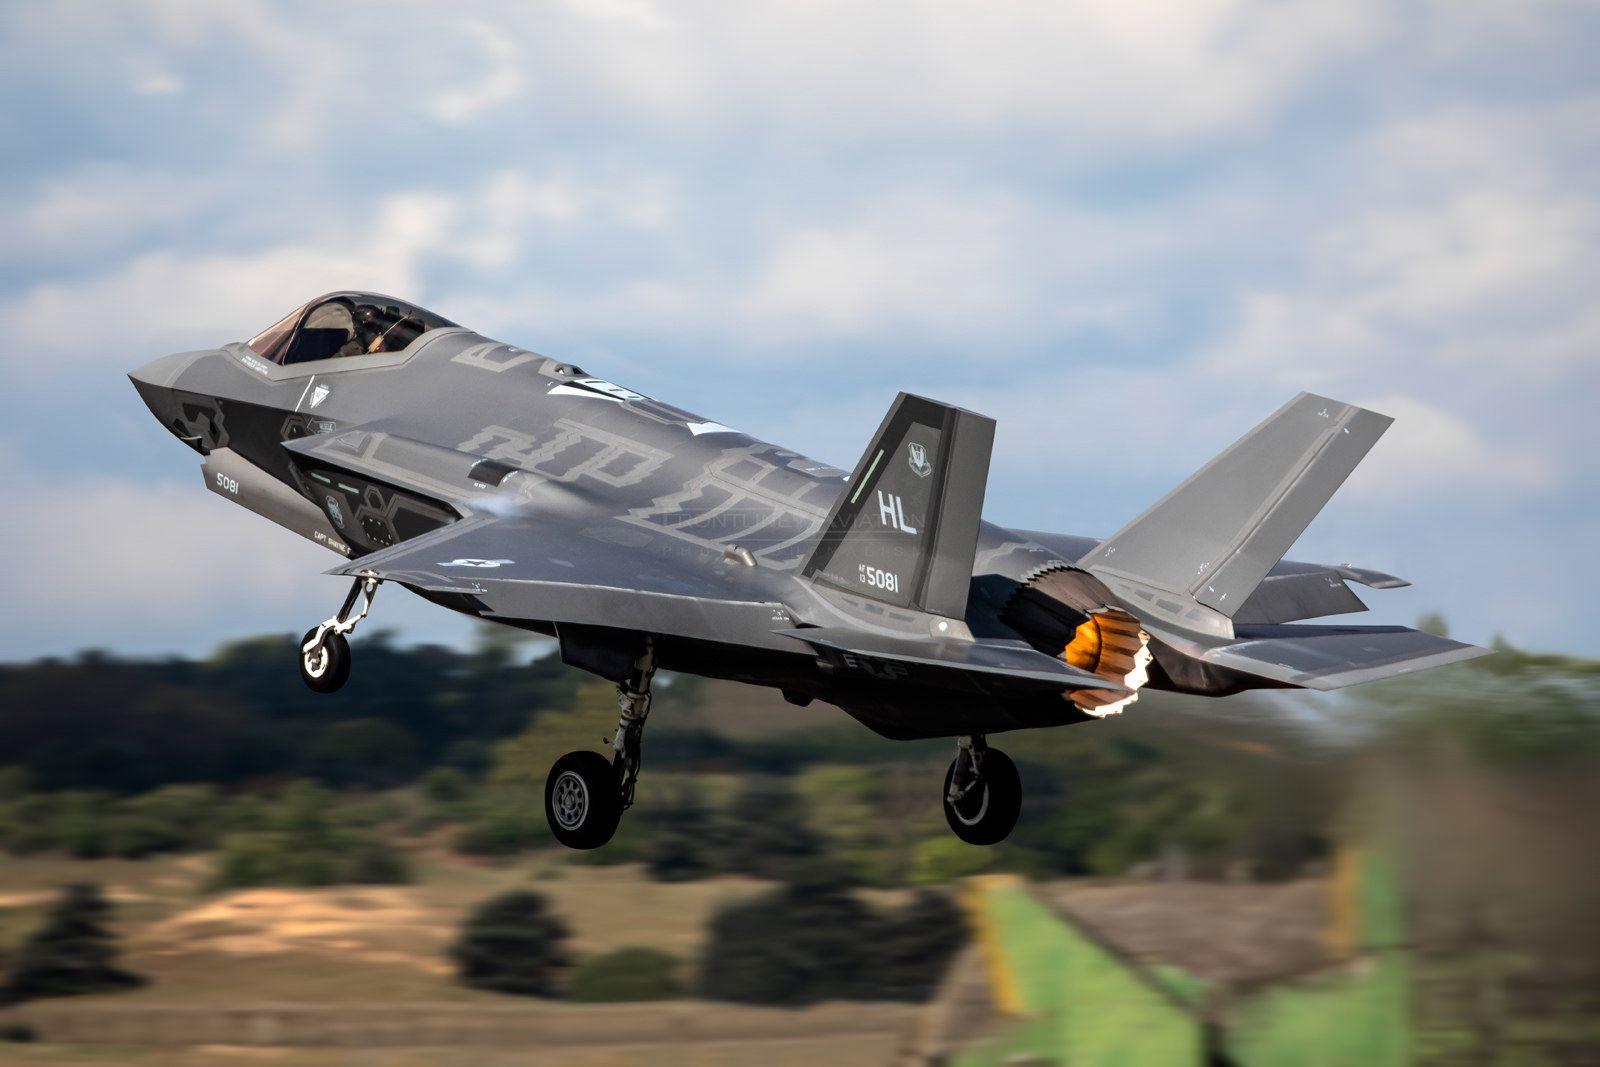 https://flic.kr/p/U7BBMF | 'Lightning Departure', F-35A Lightning II, 13-5081, 34th FS, 388FW, Hill AFB | RAF Lakenheath, Suffolk, United Kingdom